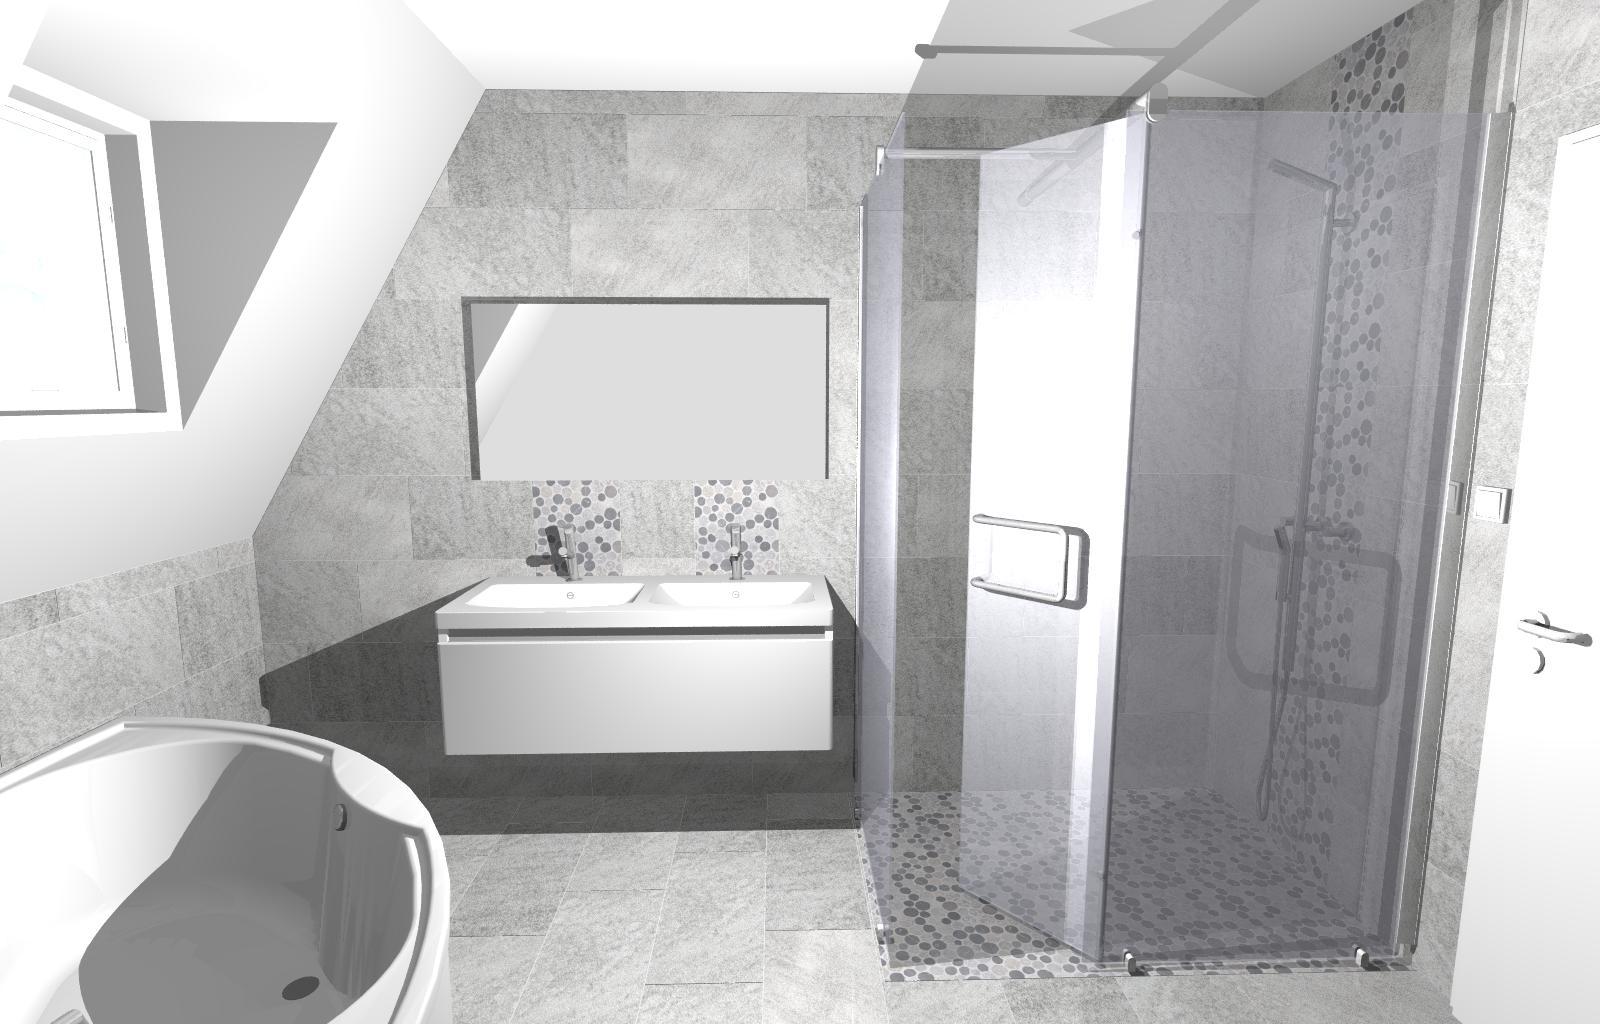 Carrelages kajou saint quentin champigny sur marne for Prix pose carrelage salle de bain